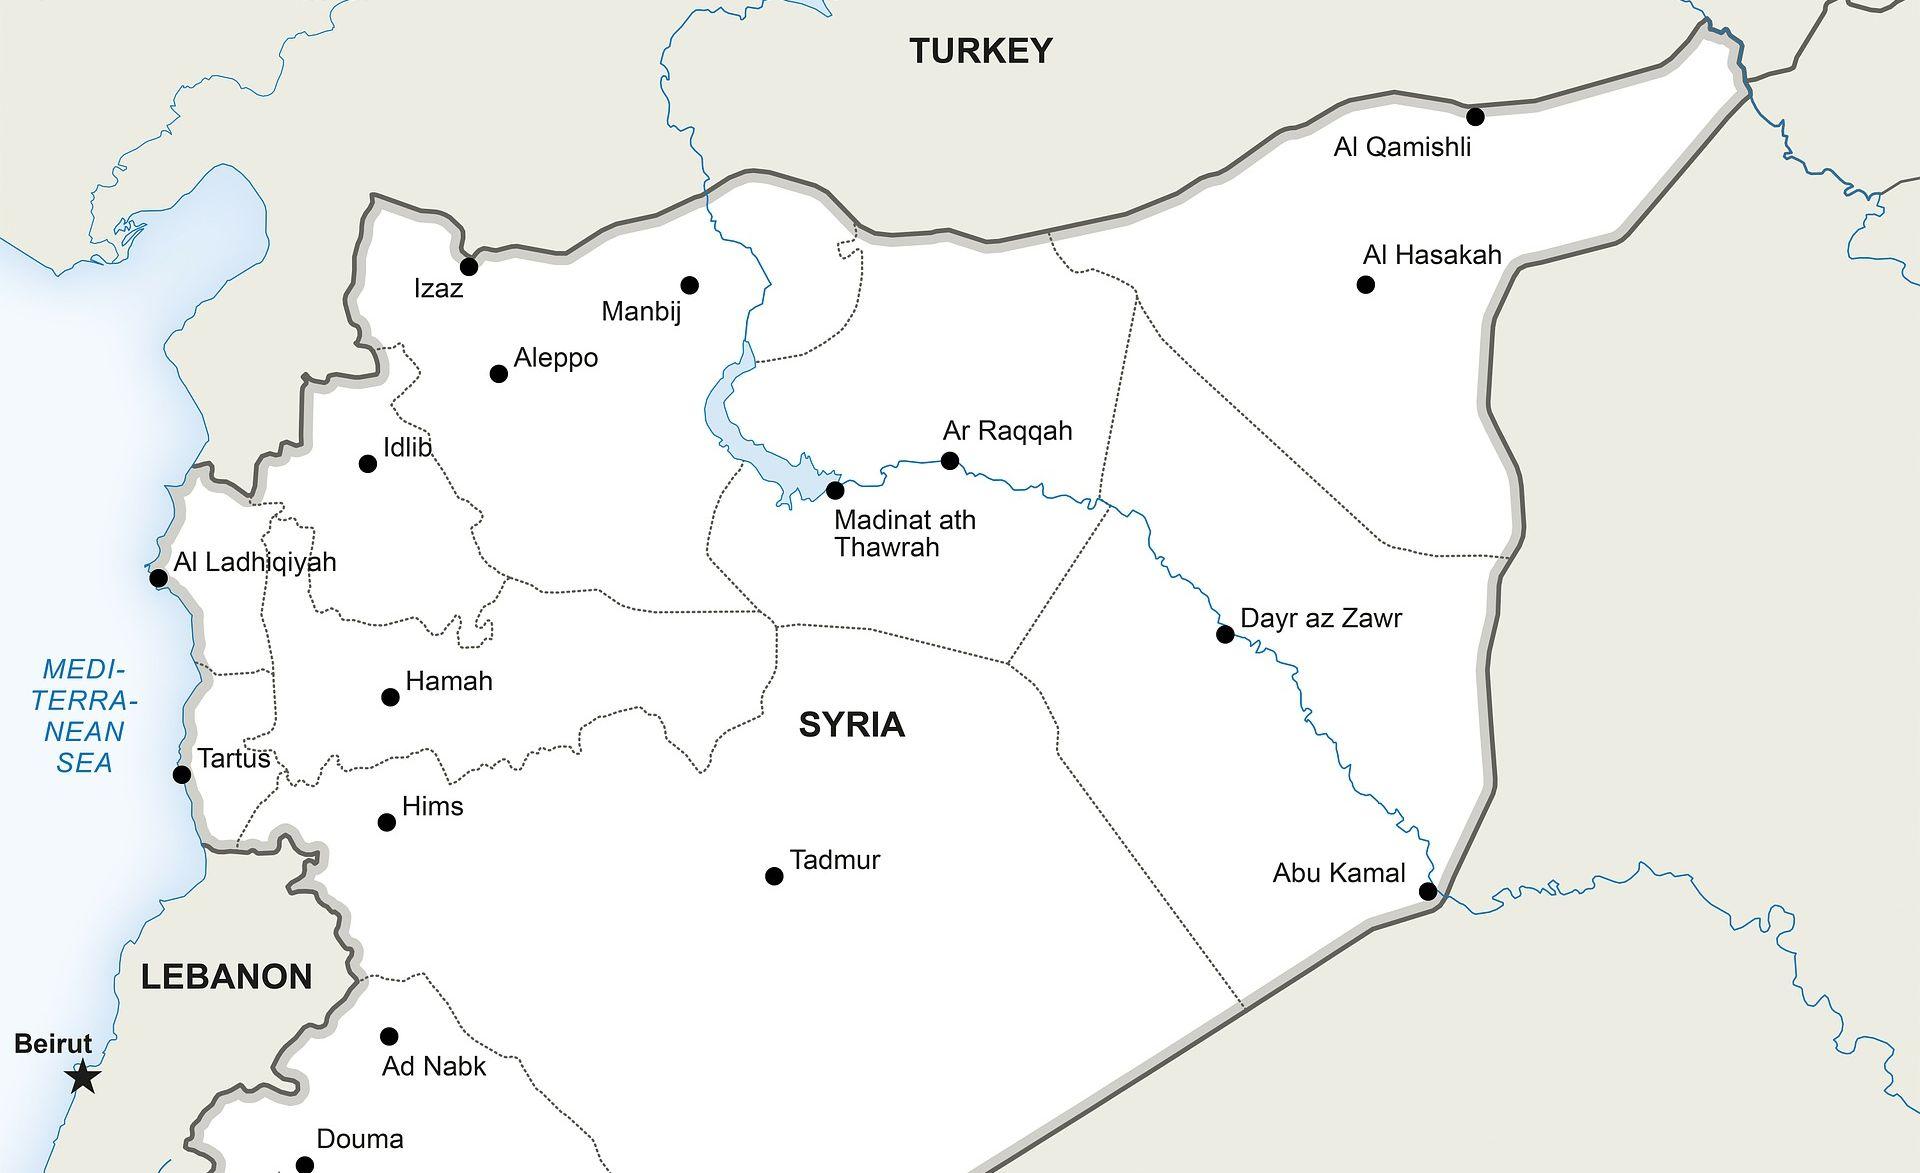 NAKON DVOGODIŠNJE OPSADE Sirijski pobunjenici zauzeli ključnu zračnu bazu u pokrajini Idlib